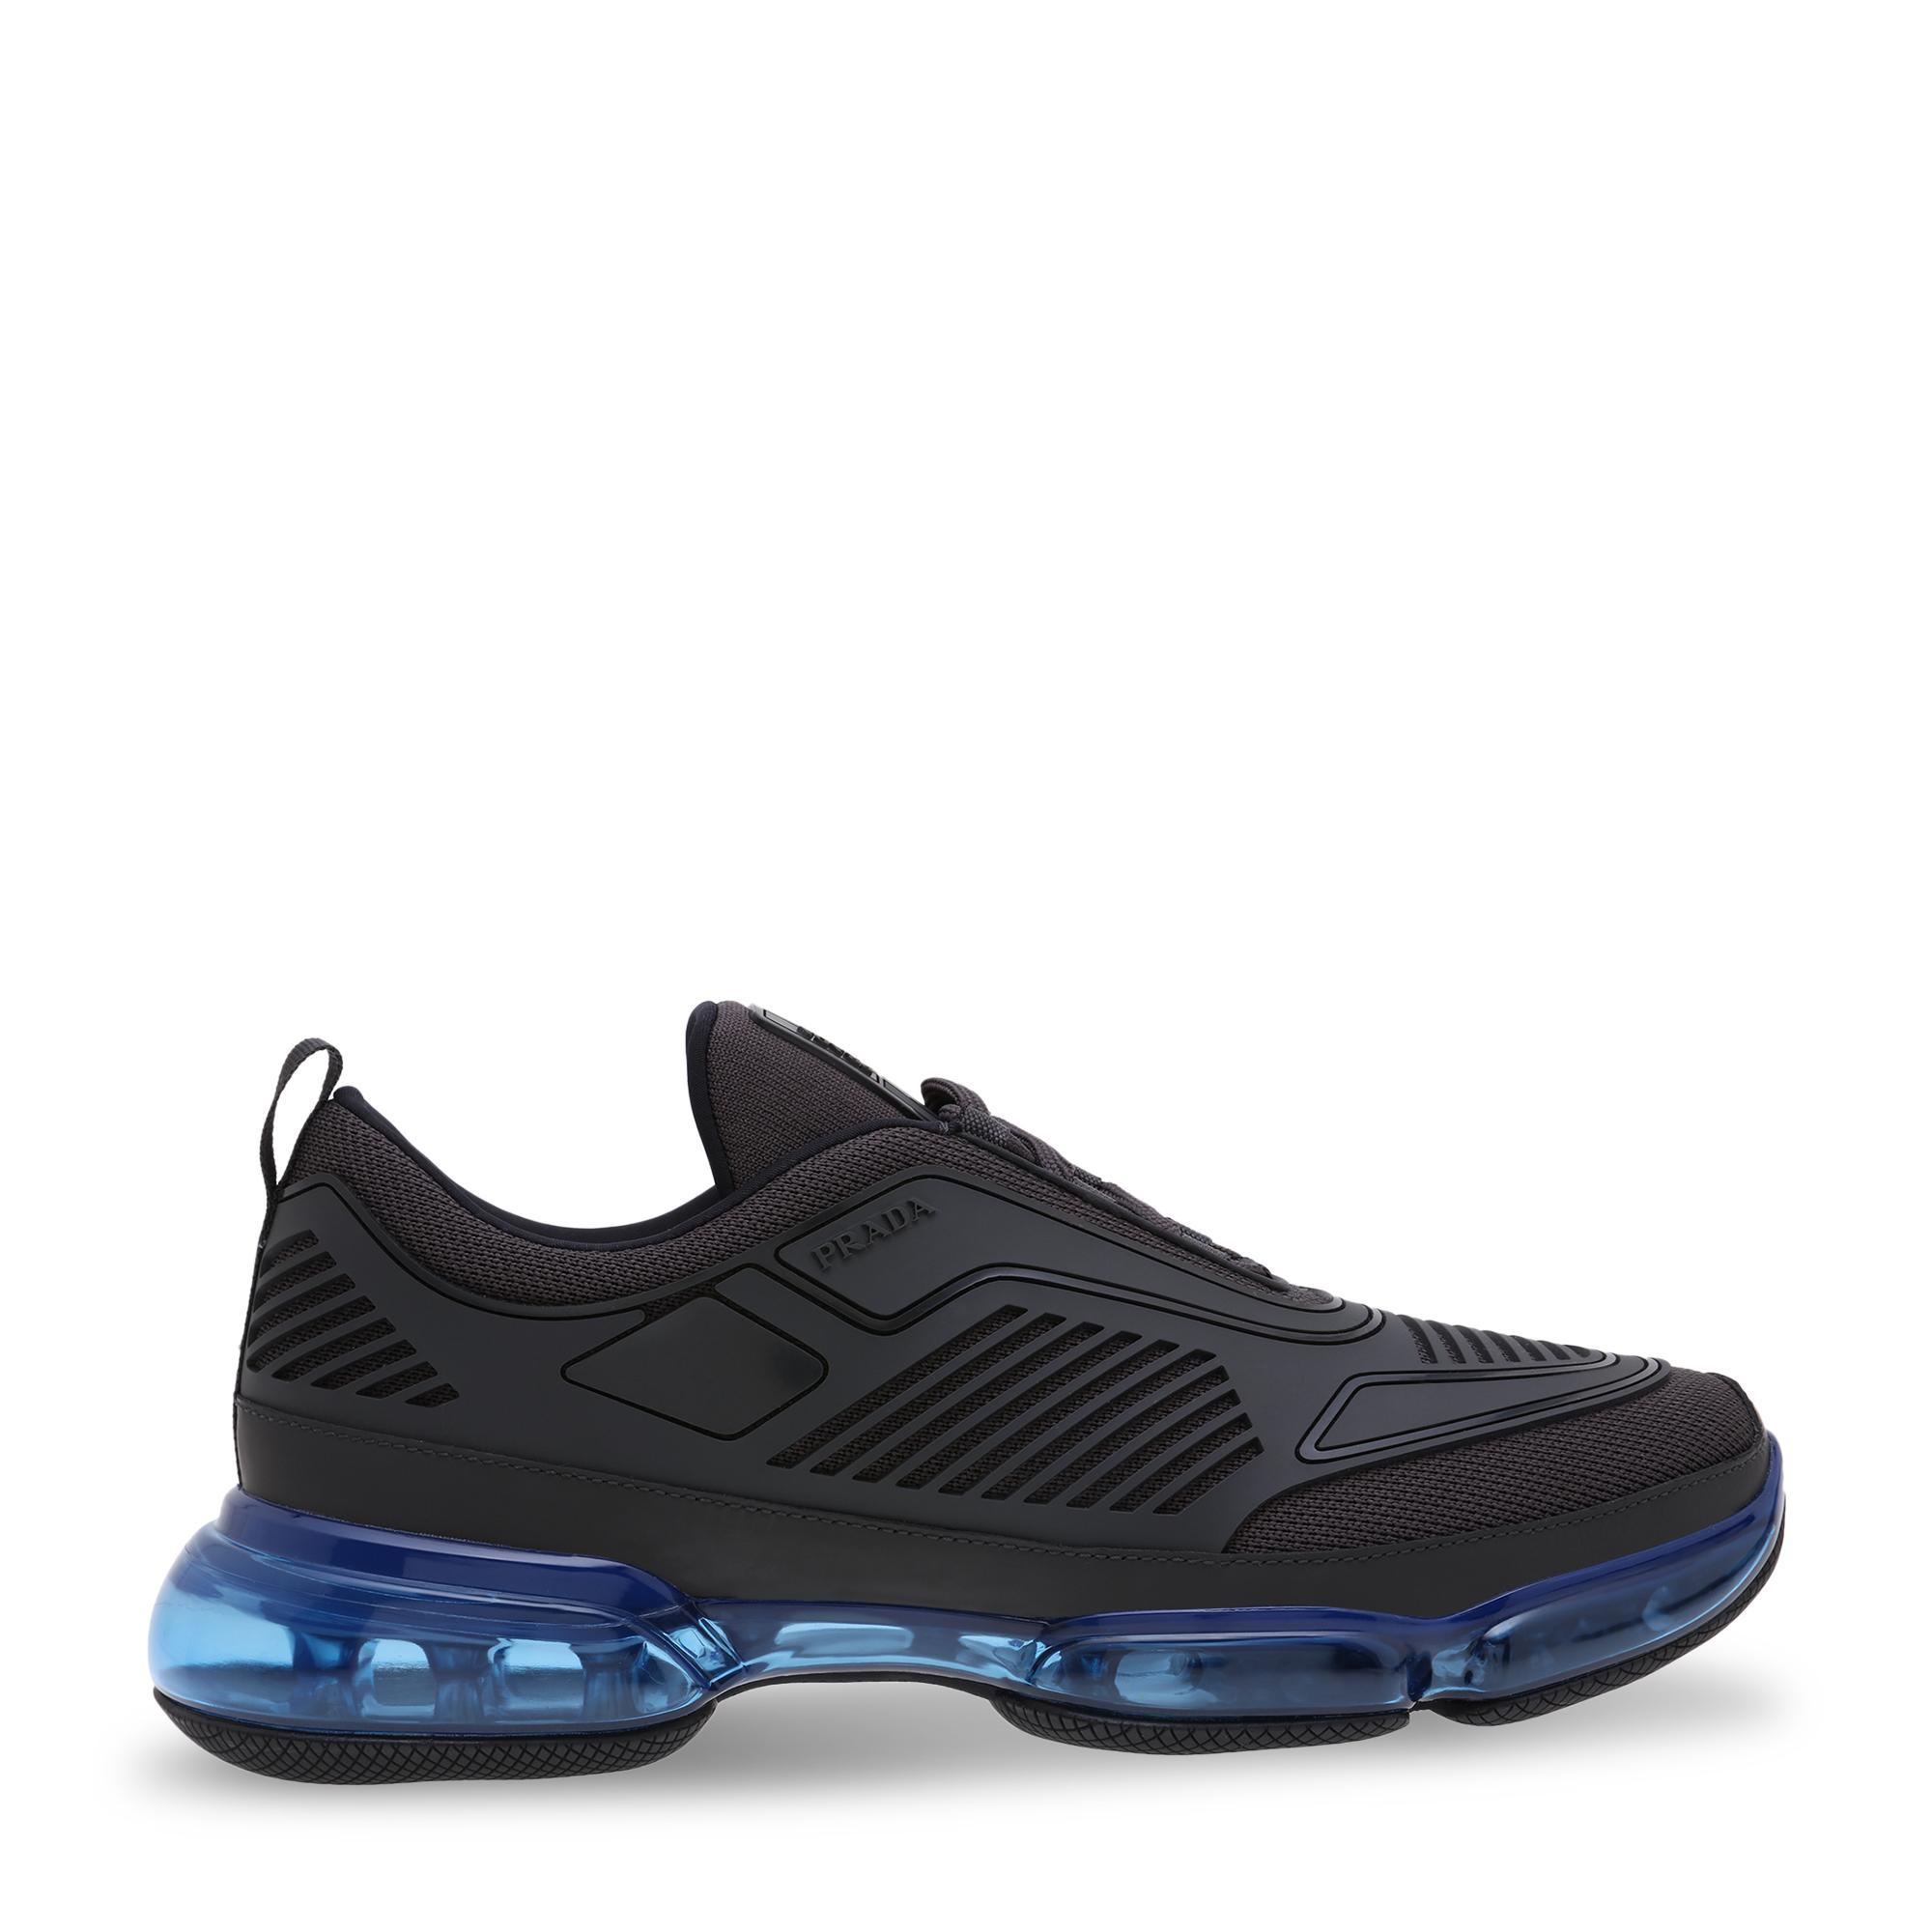 Cloudbust Air sneakers